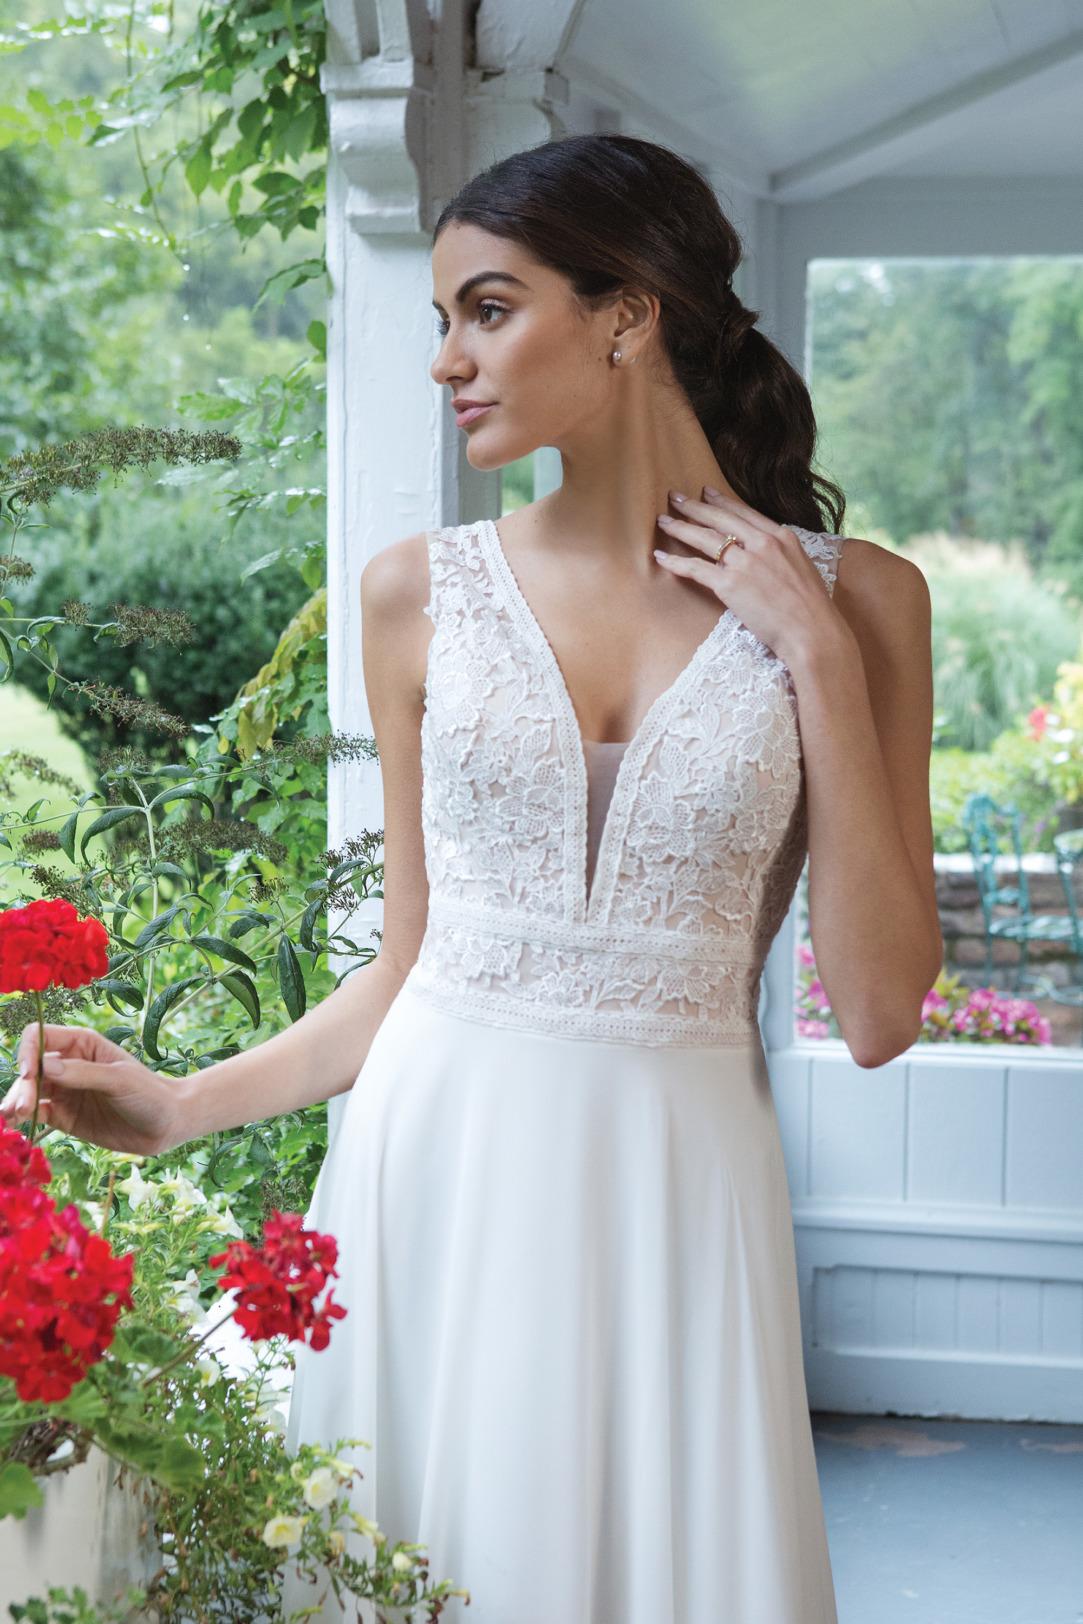 Brautkleider Hochzeitskleider Sincerity Empire Stil Style Form Spitze lang schlicht Vintage mit V Ausschnitt breiter Träger Chiffon Rock kleine Schleppe Nahaufnahme